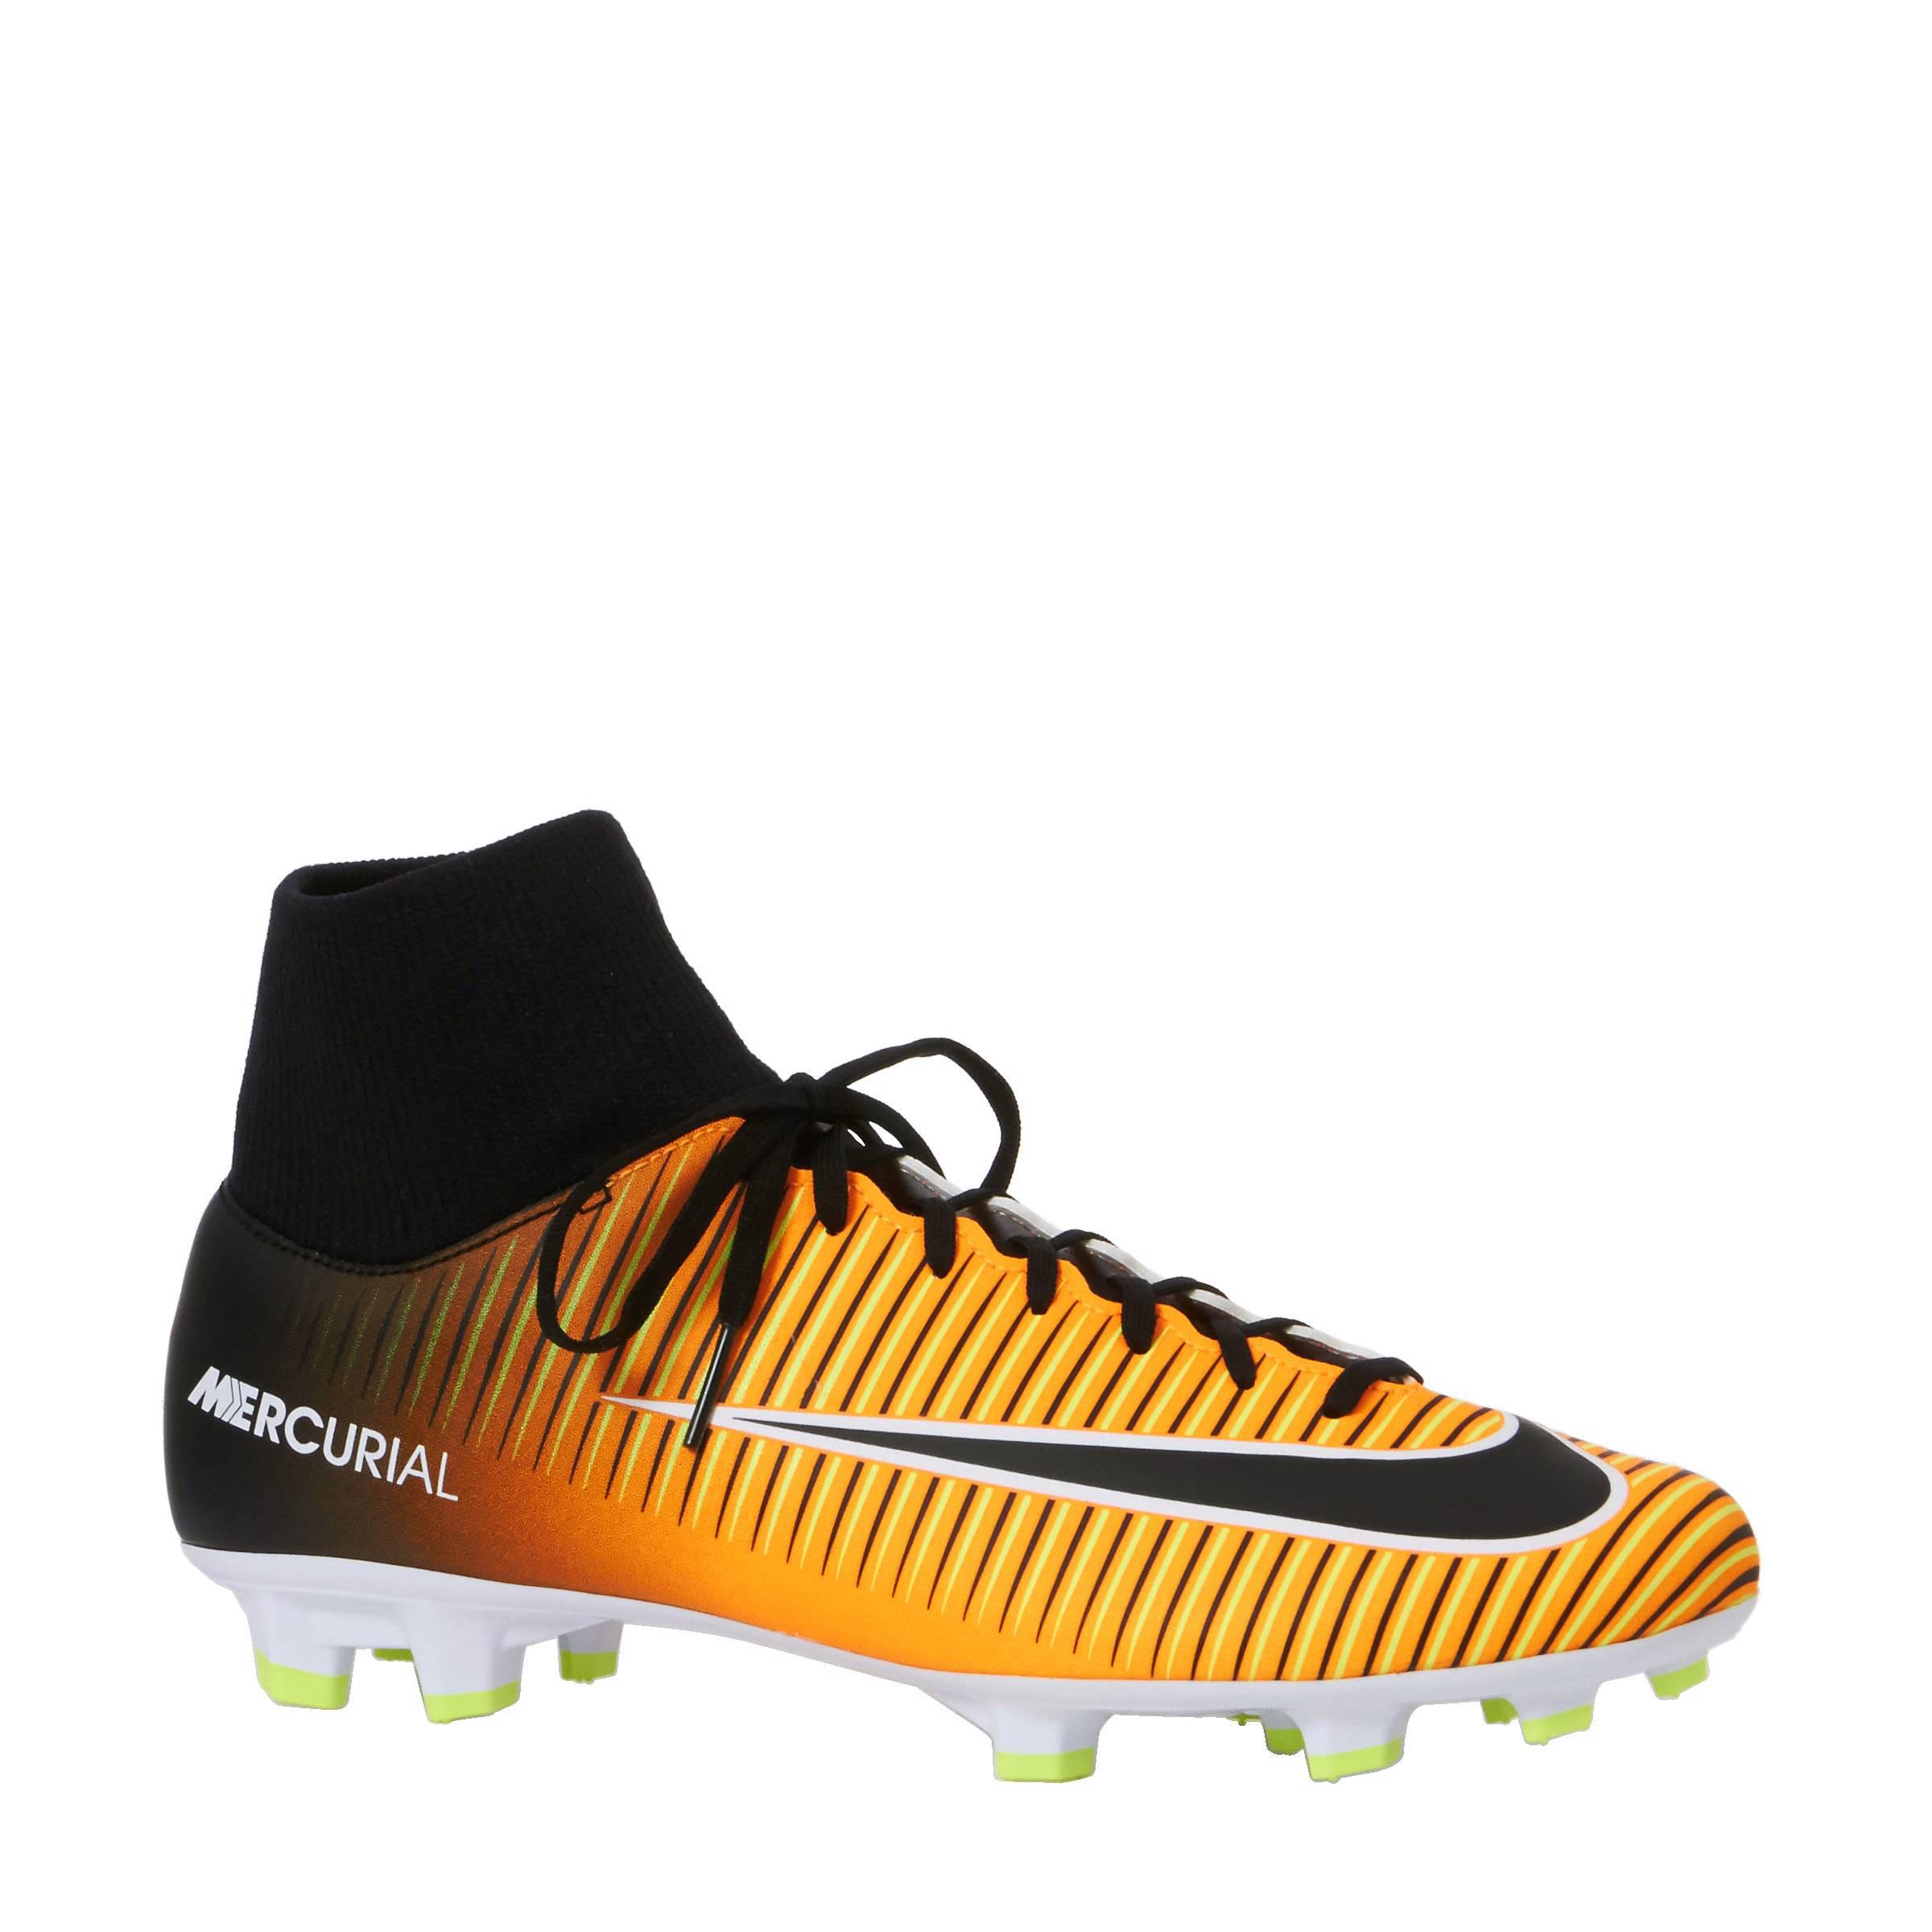 Nike Mercurial Victory VI DF FG voetbalschoenen | wehkamp